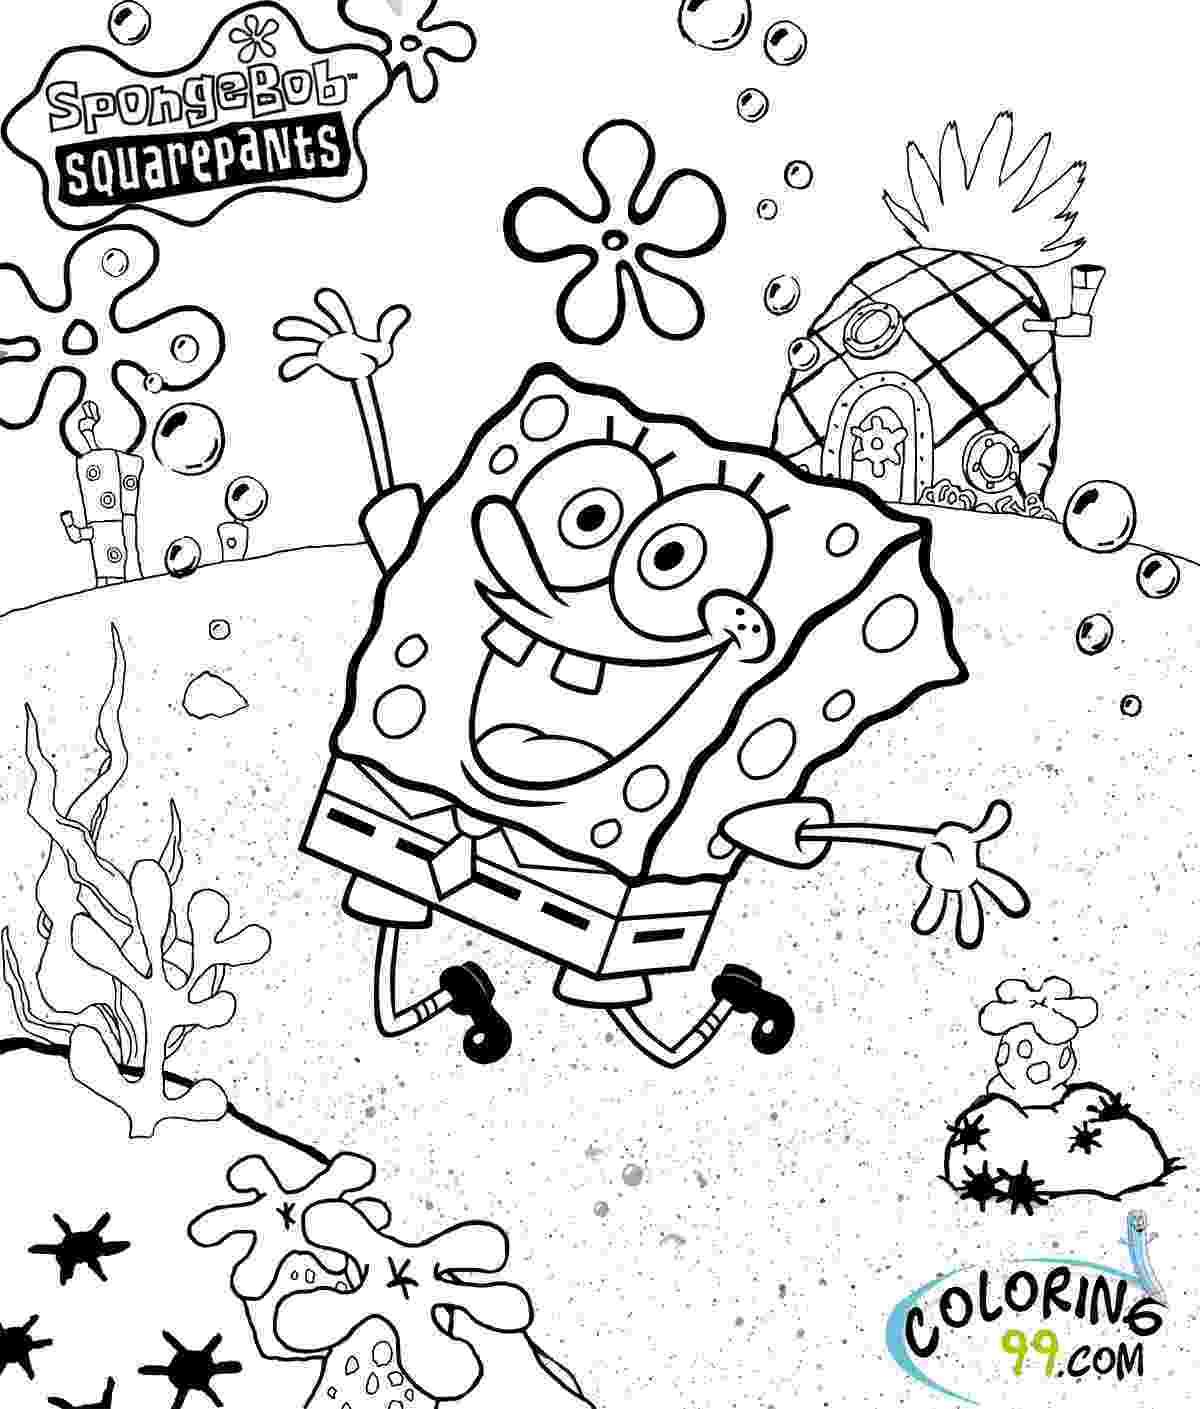 coloring sheets spongebob best spongebob squarepants memes coloring pages and spongebob sheets coloring